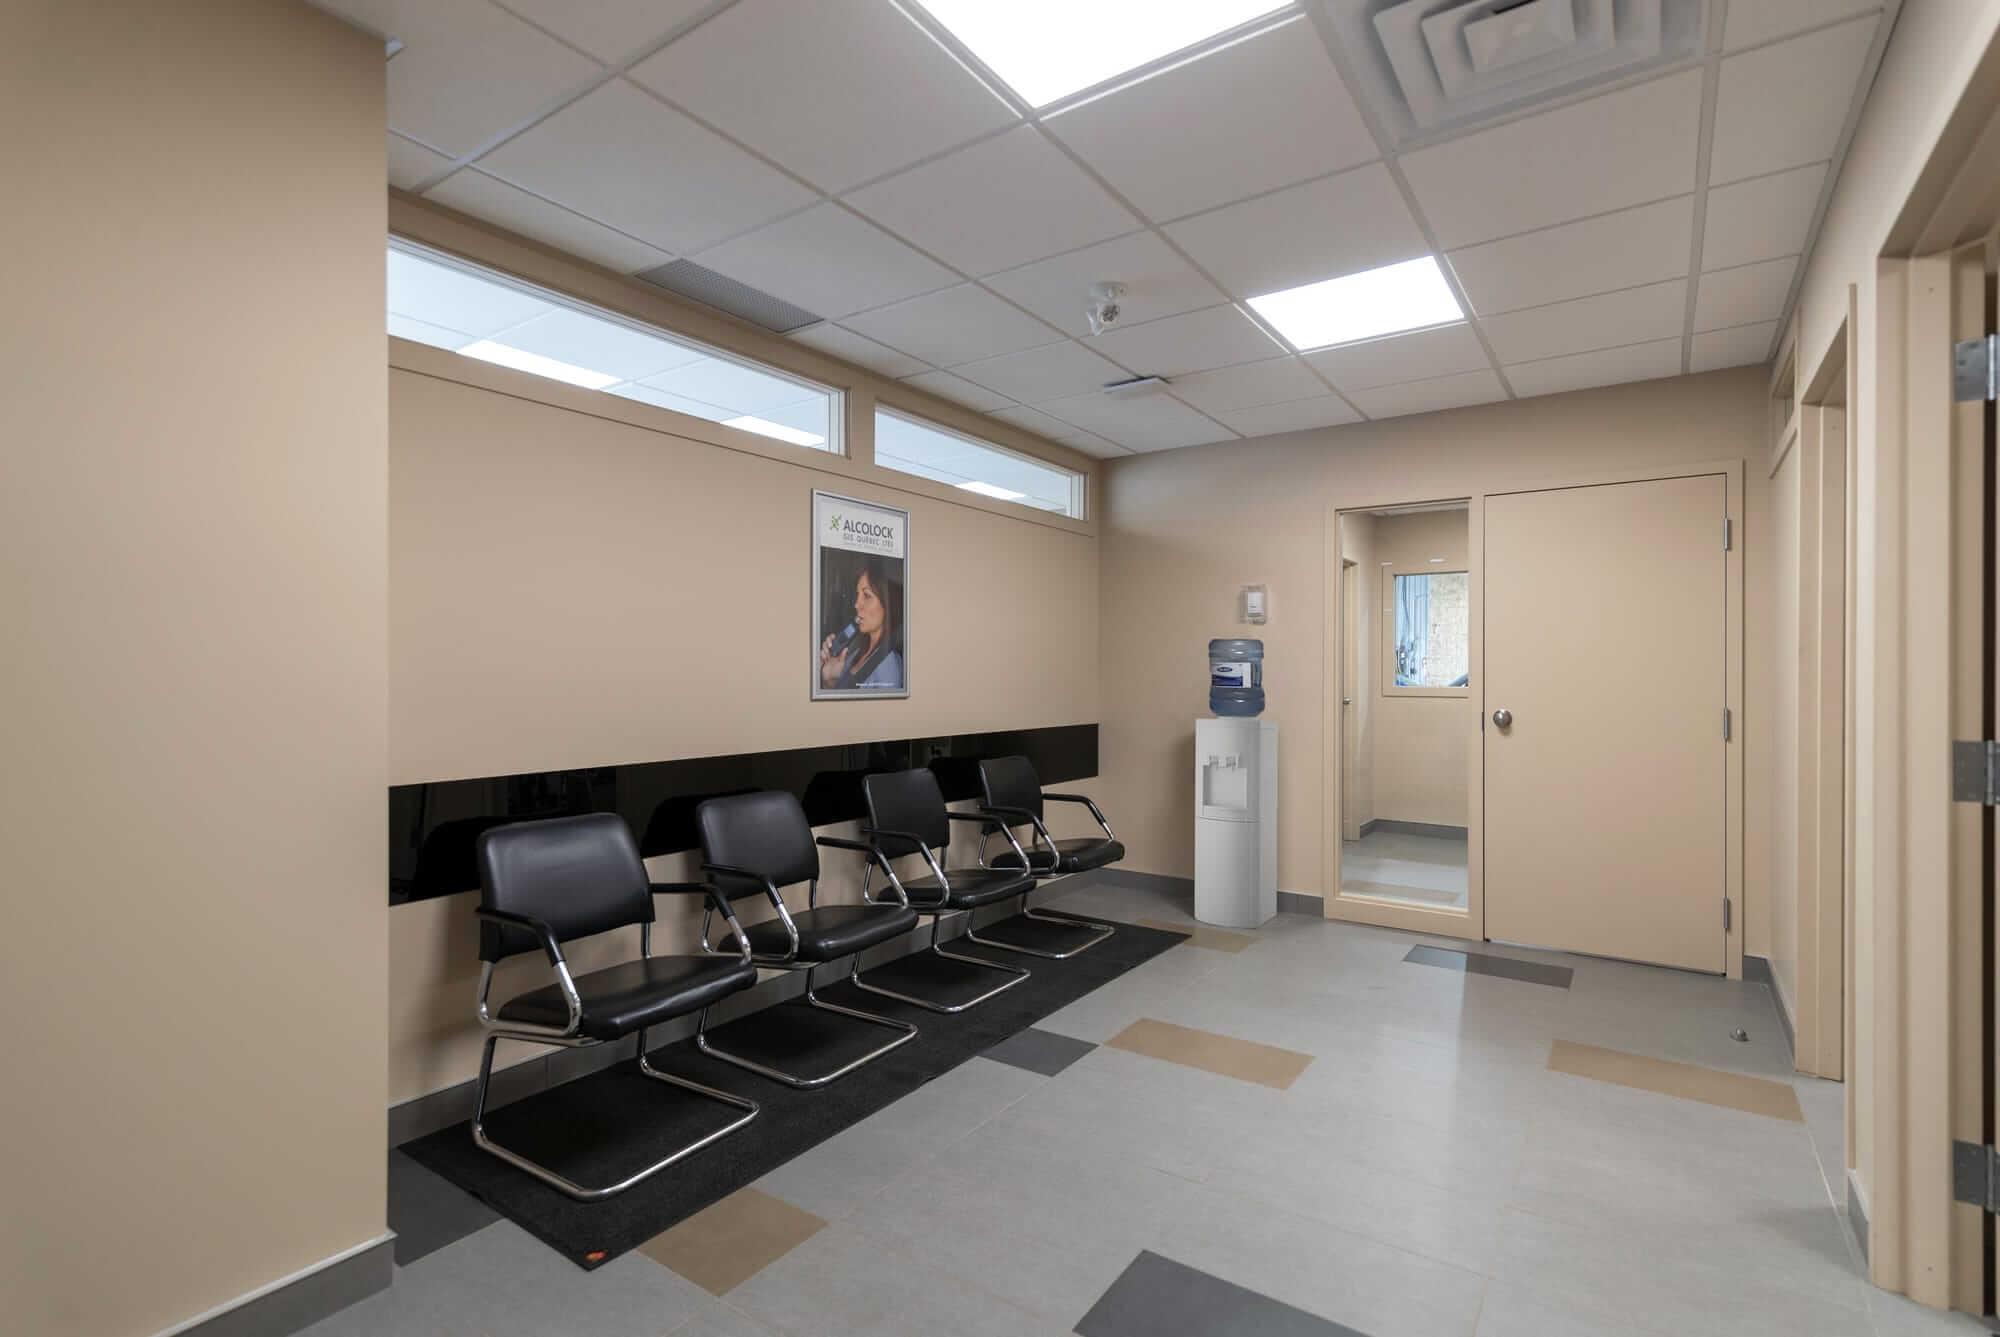 local commercial nouvellement rénové - vue sur salle d'attente avec chaises noires et murs beiges